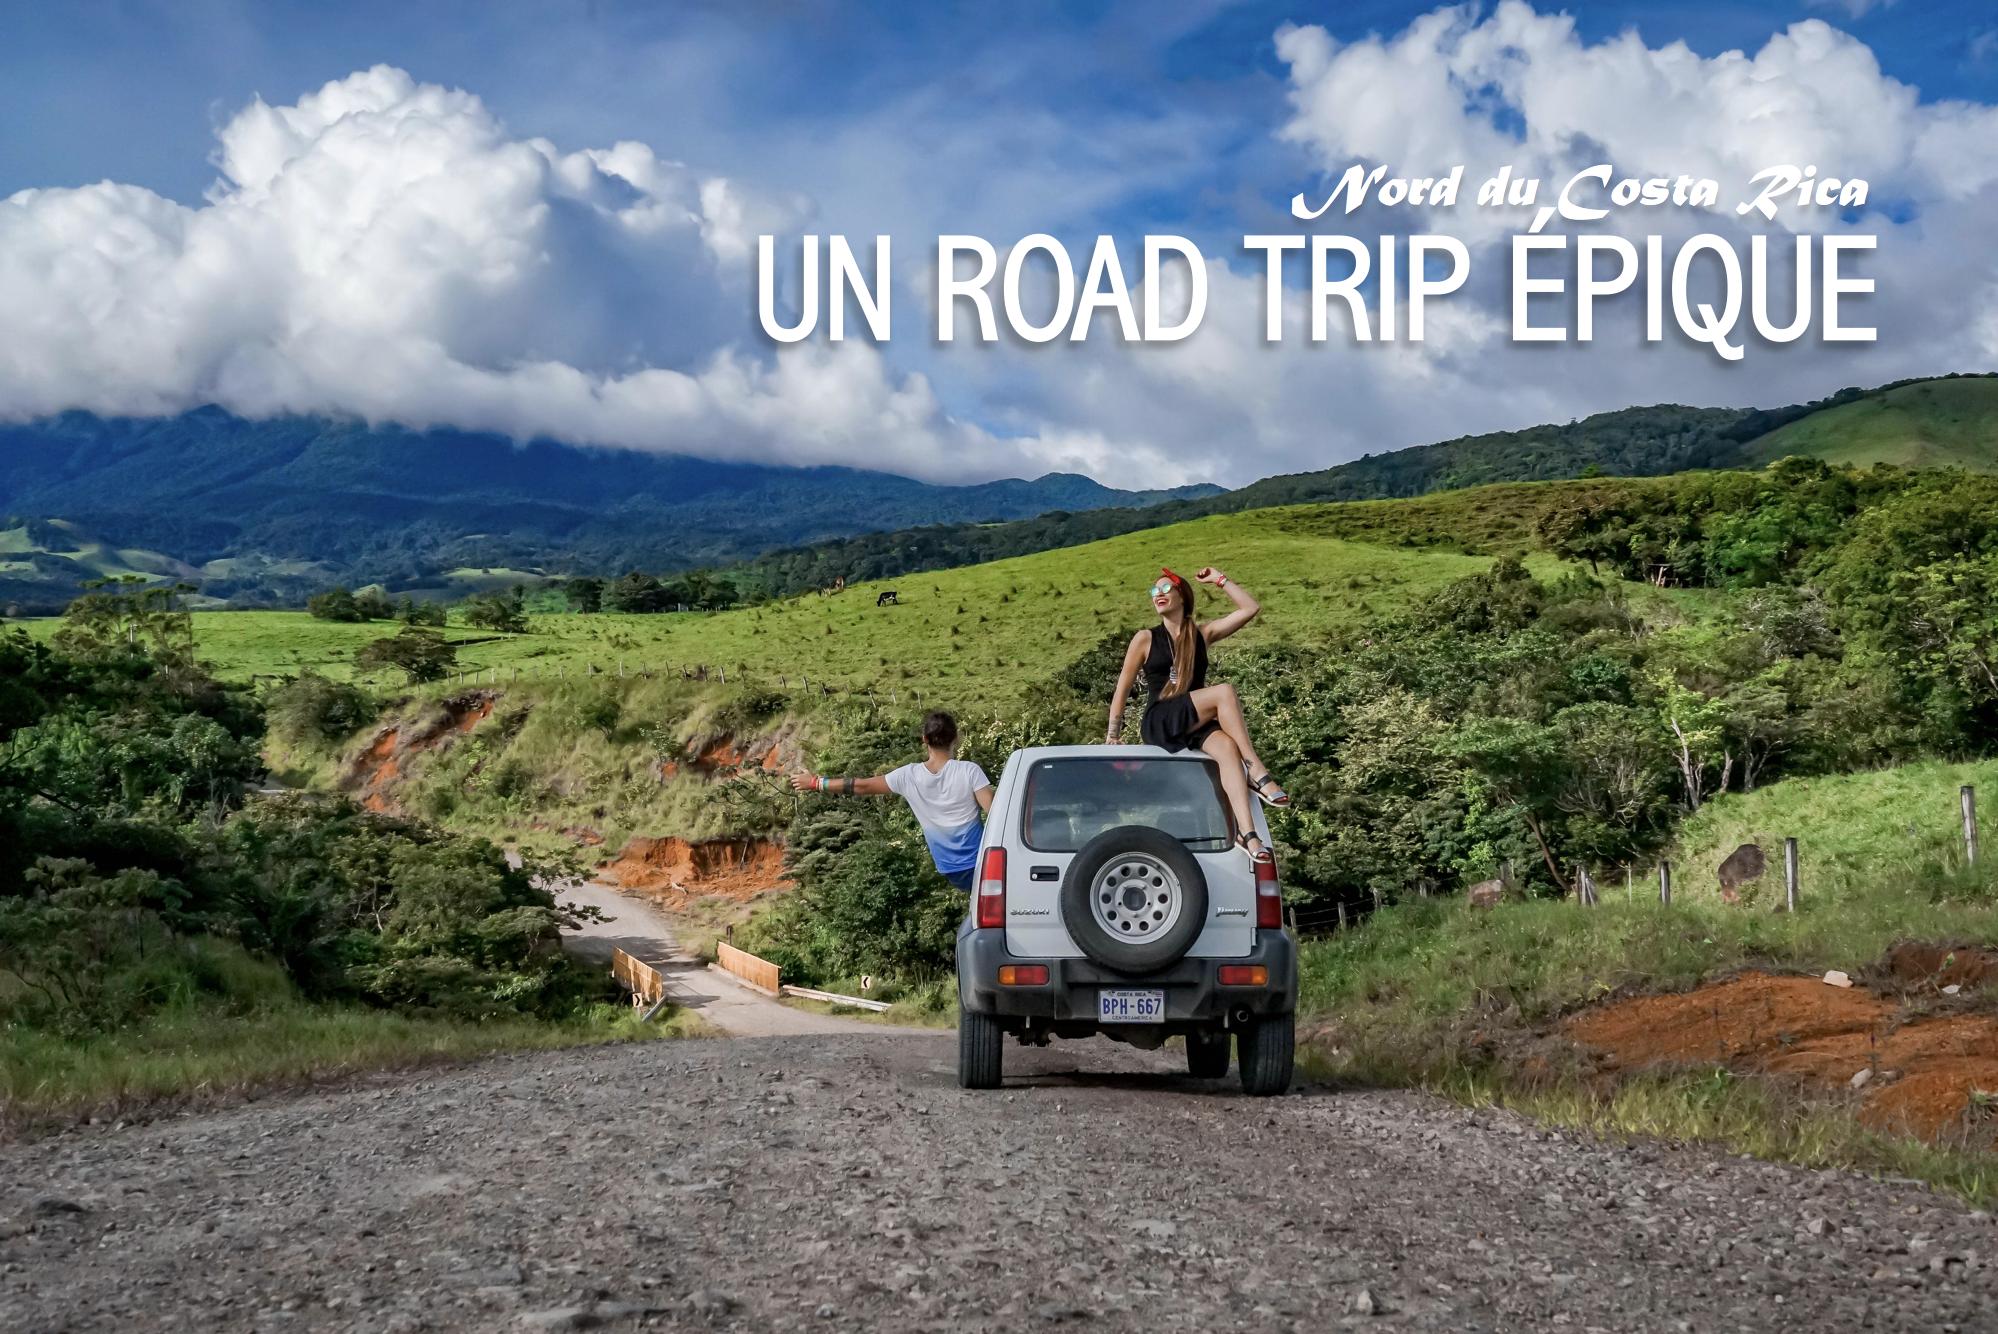 UN ROAD TRIP ÉPIQUE | Costa Rica (image).png